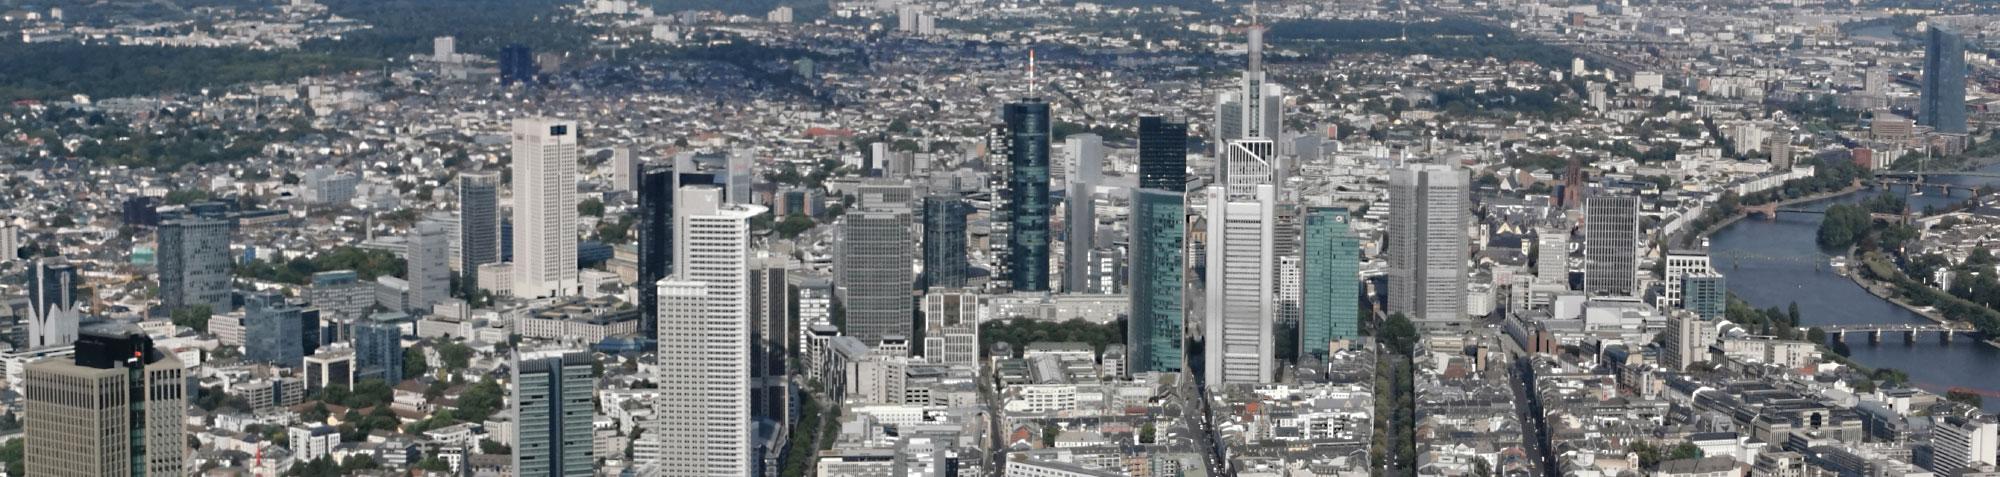 Mainhattan - Hochhausstadt Frankfurt - Skyline und Wolkenkratzer in der Bankenmetropole - Finanzhauptstadt - WIrtschaftsmetropole